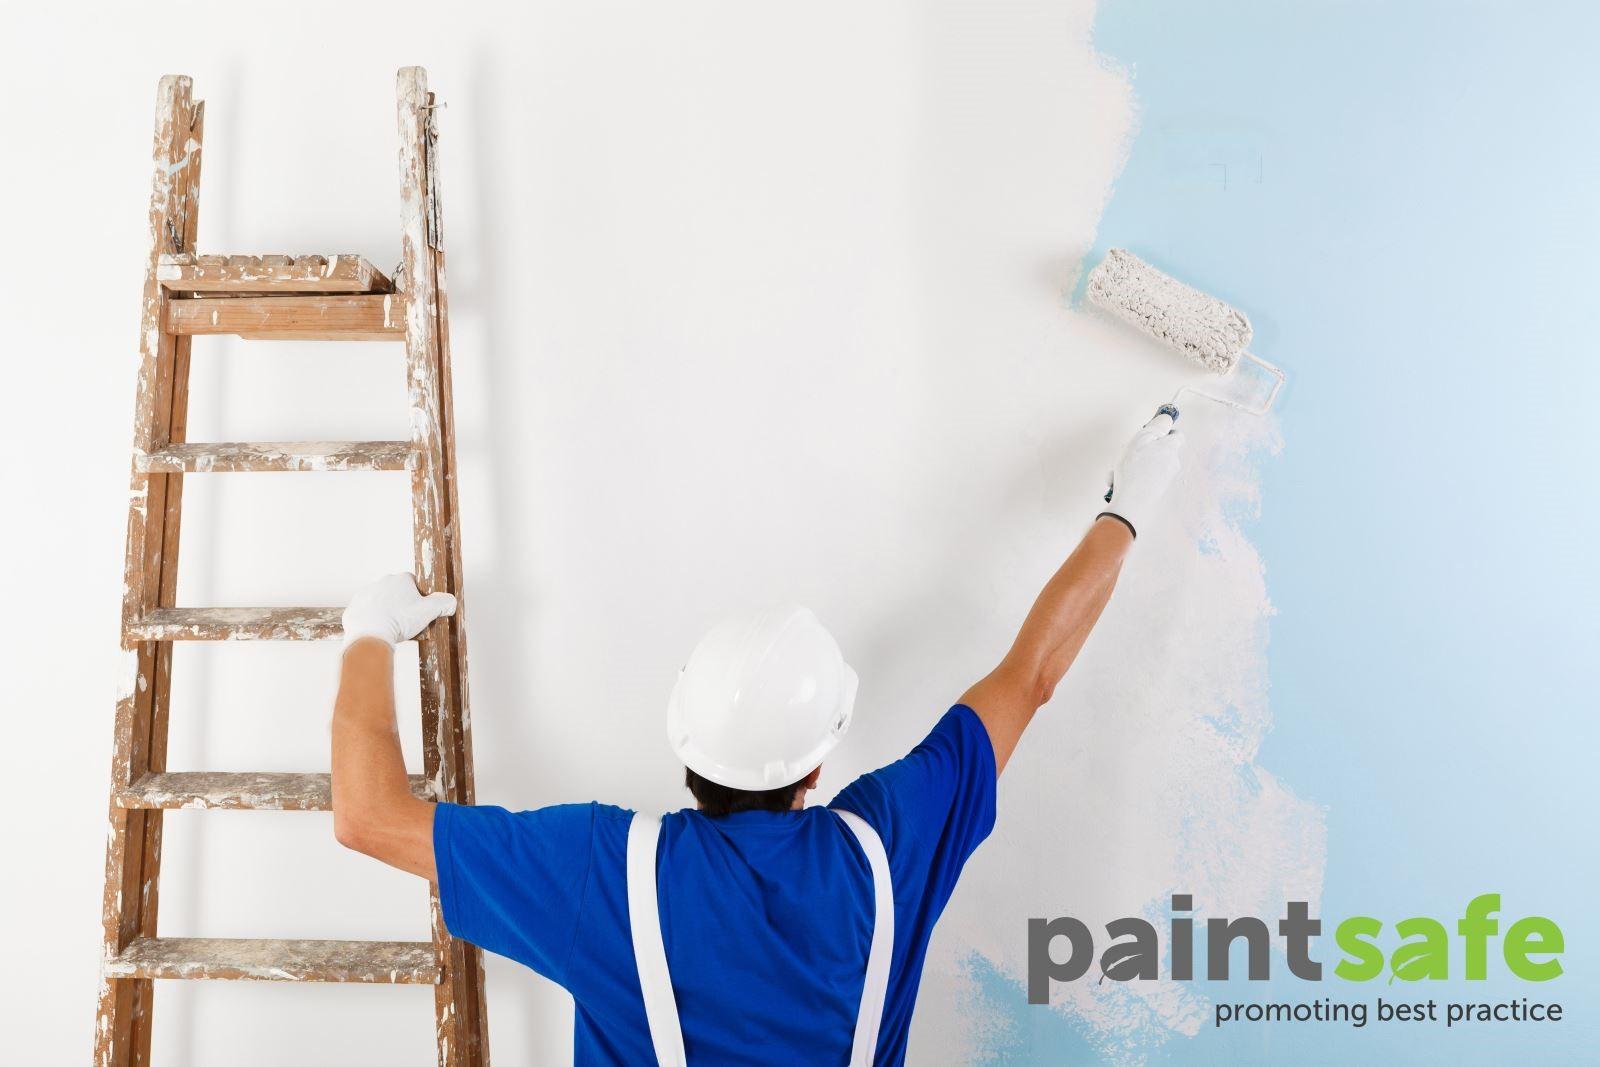 PaintSafe: British Coating Federation